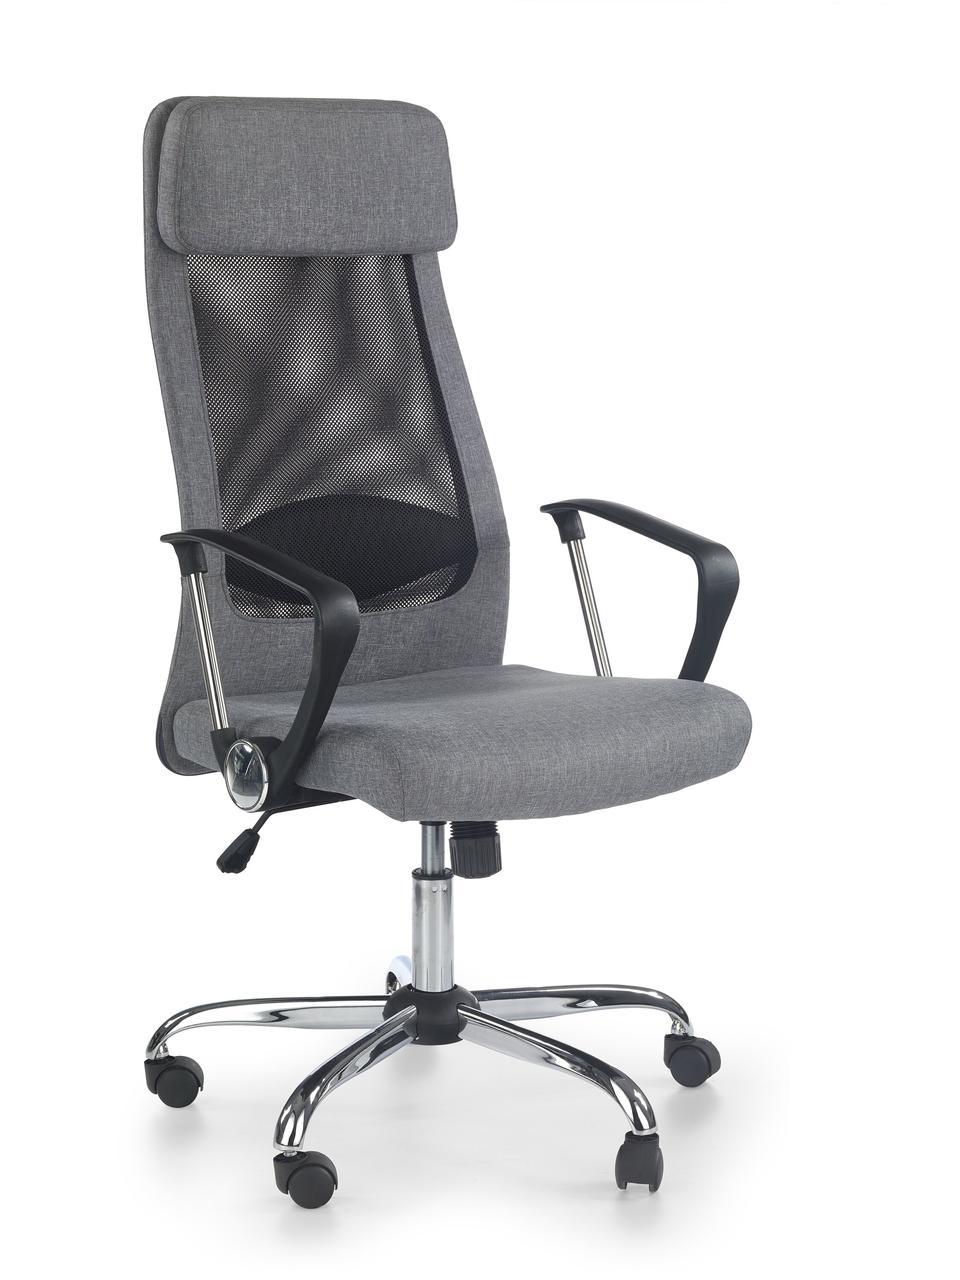 Комп'ютерне крісло ZOOM Halmar